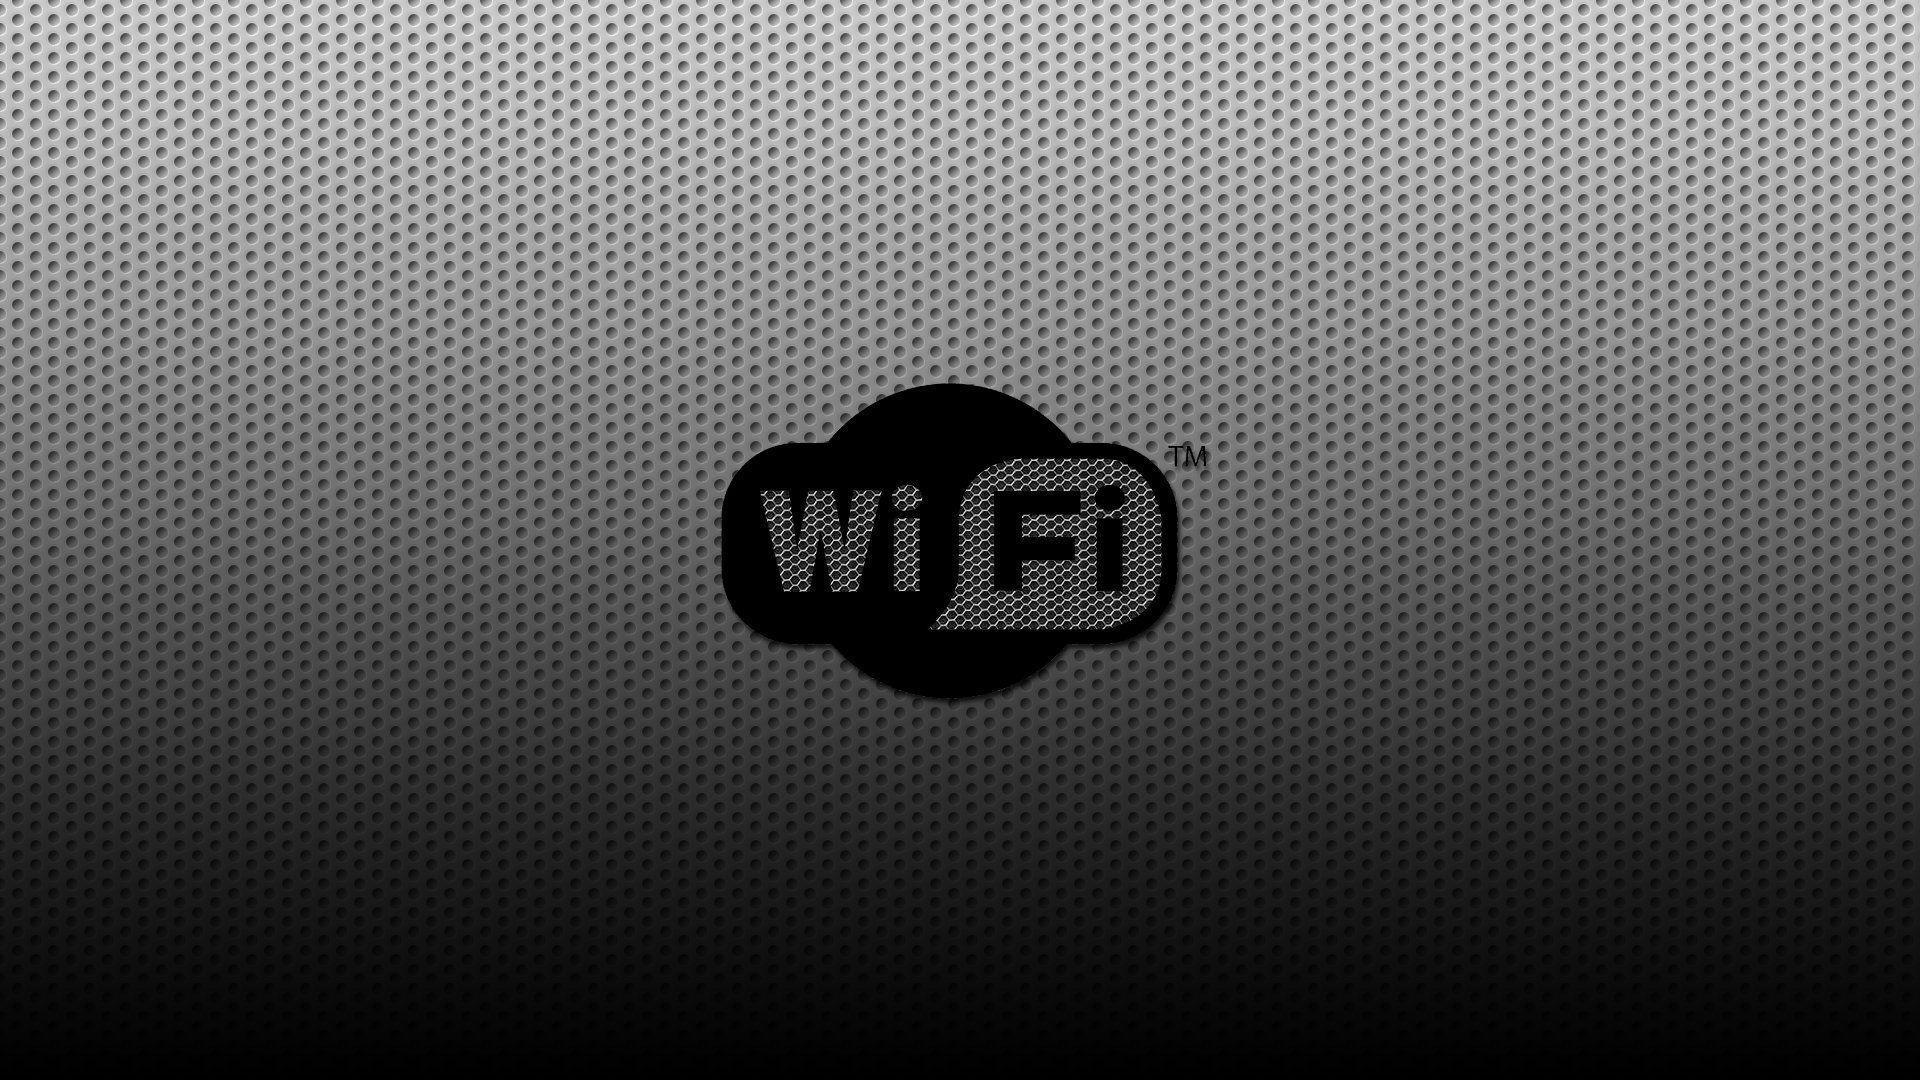 Oubliez le Wi-Fi « n » et « ac », on parle désormais de Wi-Fi 4, 5 et 6